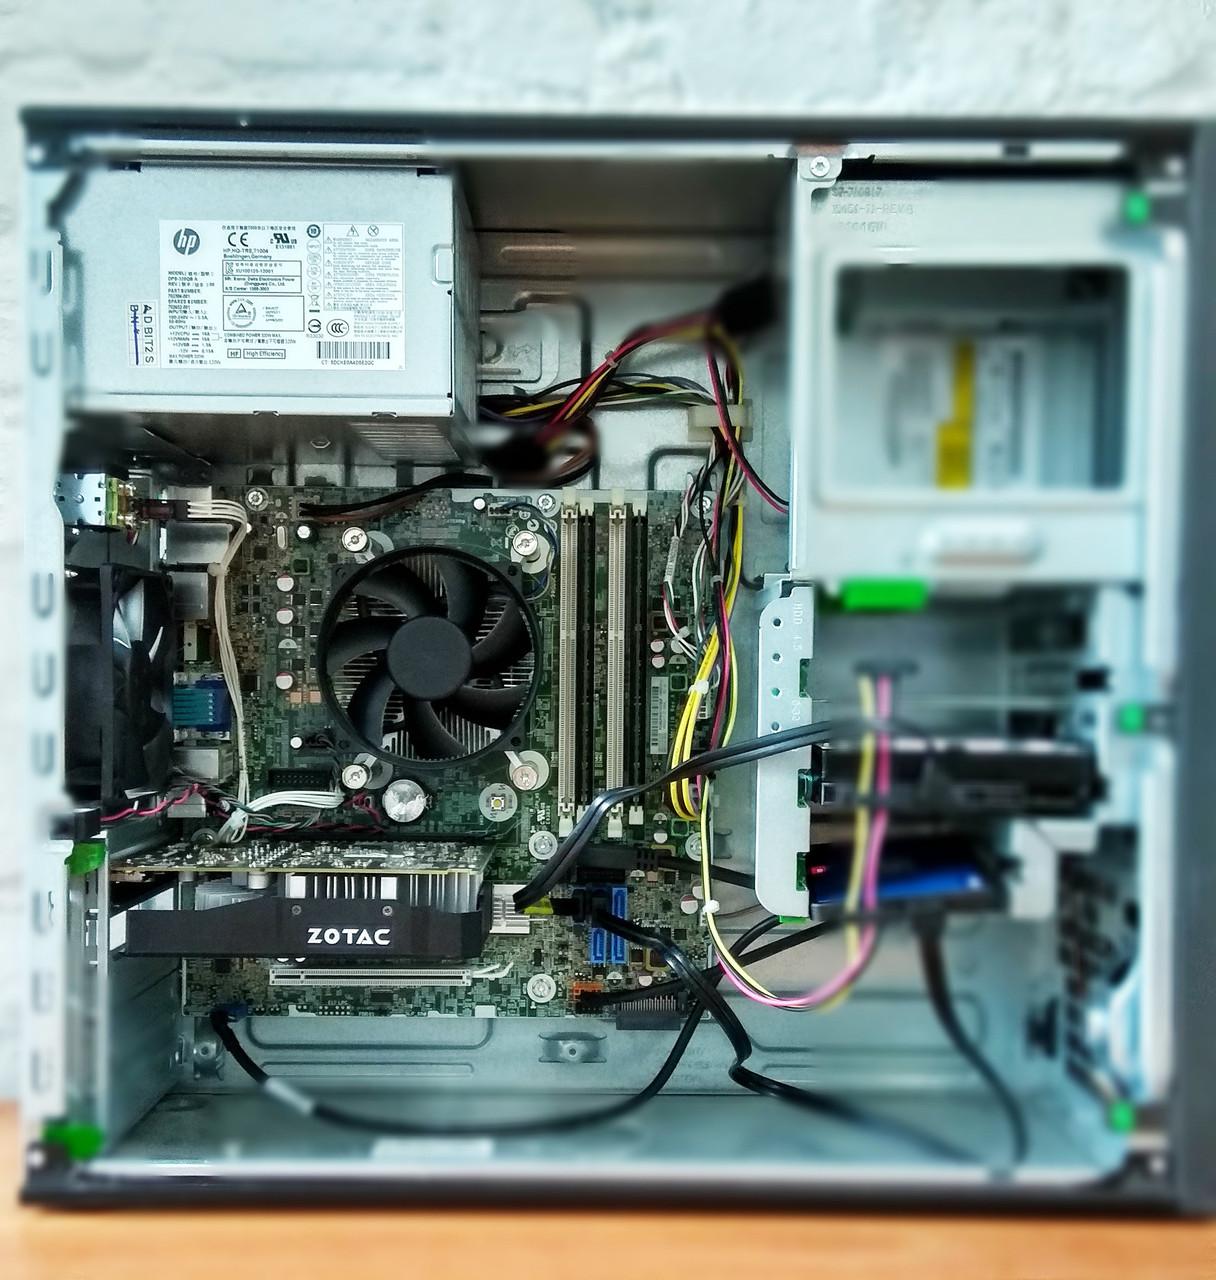 Игровой компьютер бу ПК , процессор intel Core i5 4570 4 ядра 3.2GHz , ОЗУ 8GB DDR3 , видеокарта GTX 1060 3Gb